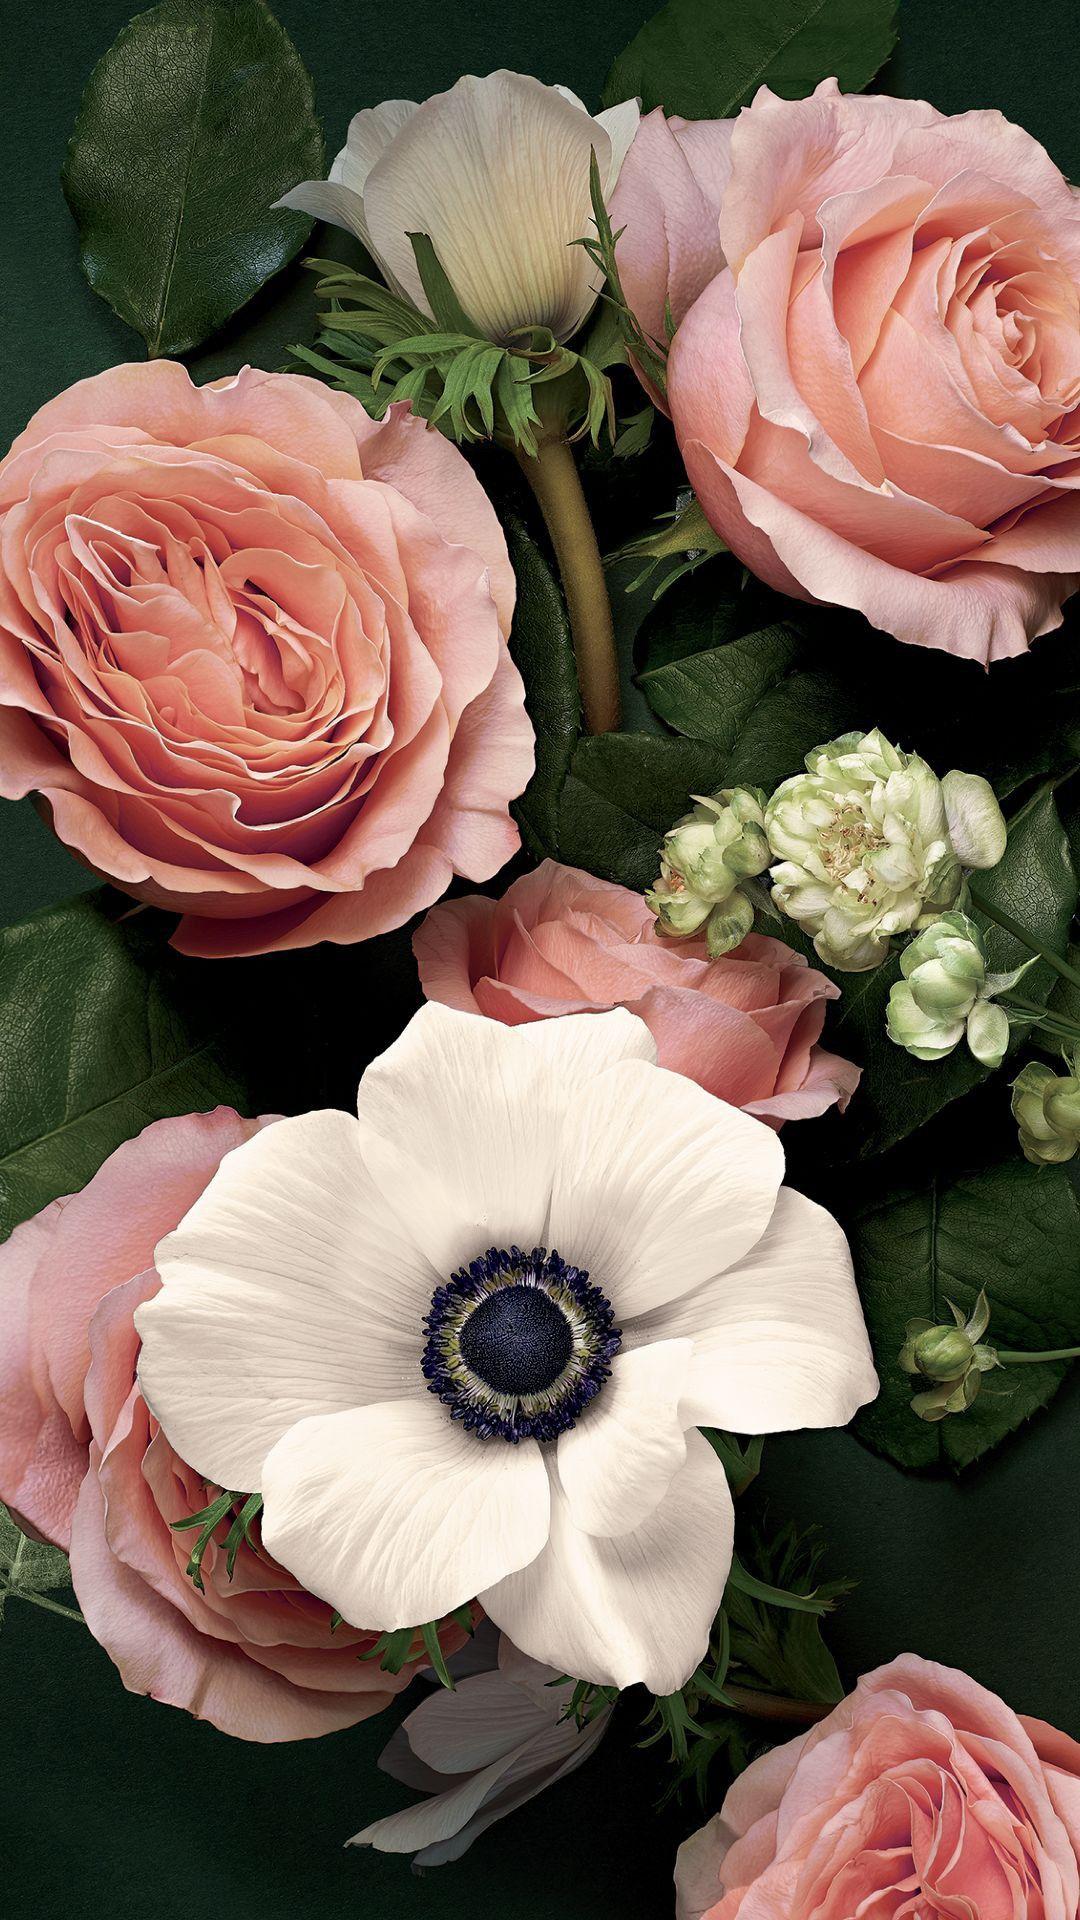 Pin De Maryse Allard En Judith32ny Imagenes De Flores Flor Estetica Fondos De Pantalla De Primavera